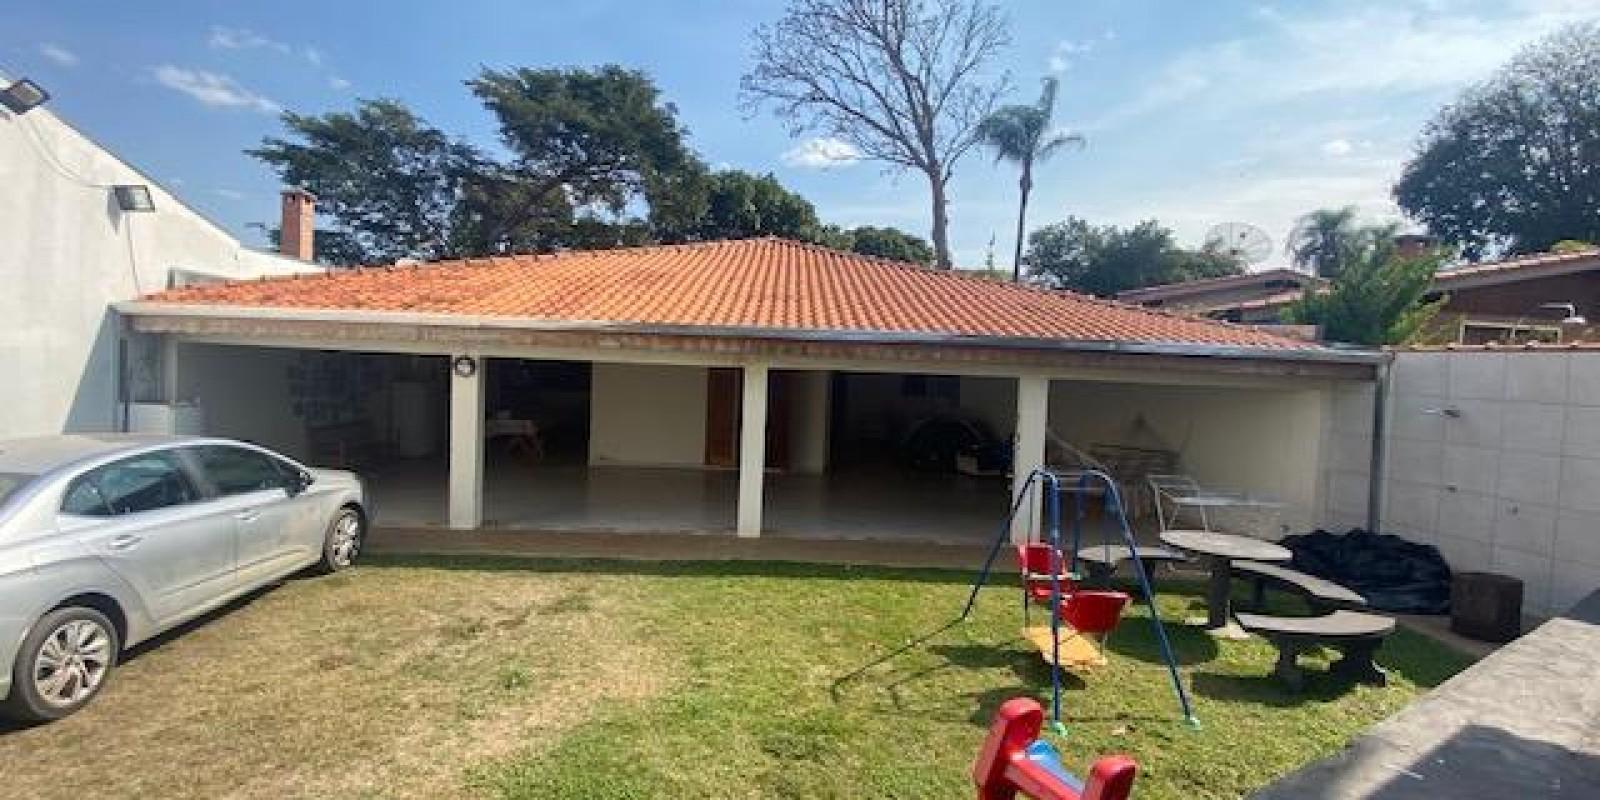 Casa na Represa no Condomínio Chale da Prainha em Avaré SP  - Foto 13 de 20